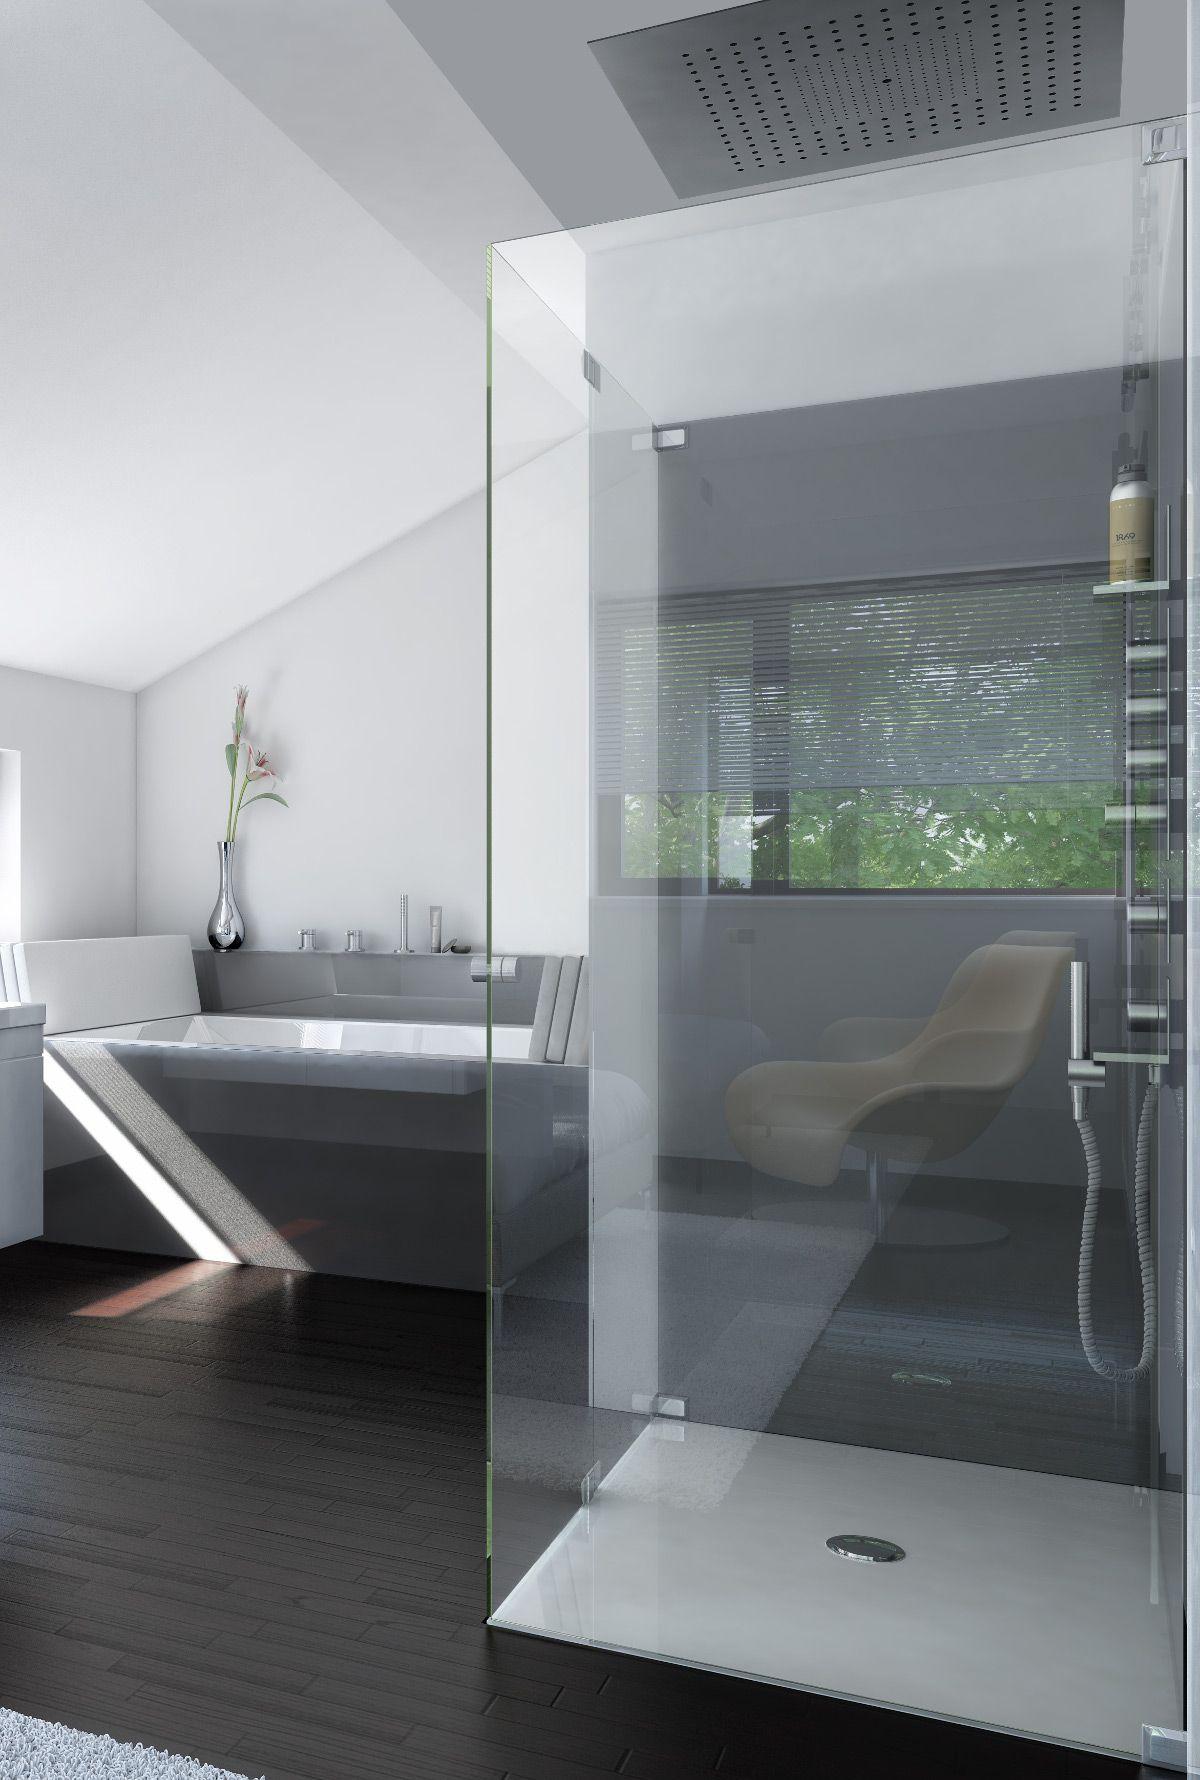 Design von badezimmer graue eleganz für alle die es dezenter mögen bienzenker